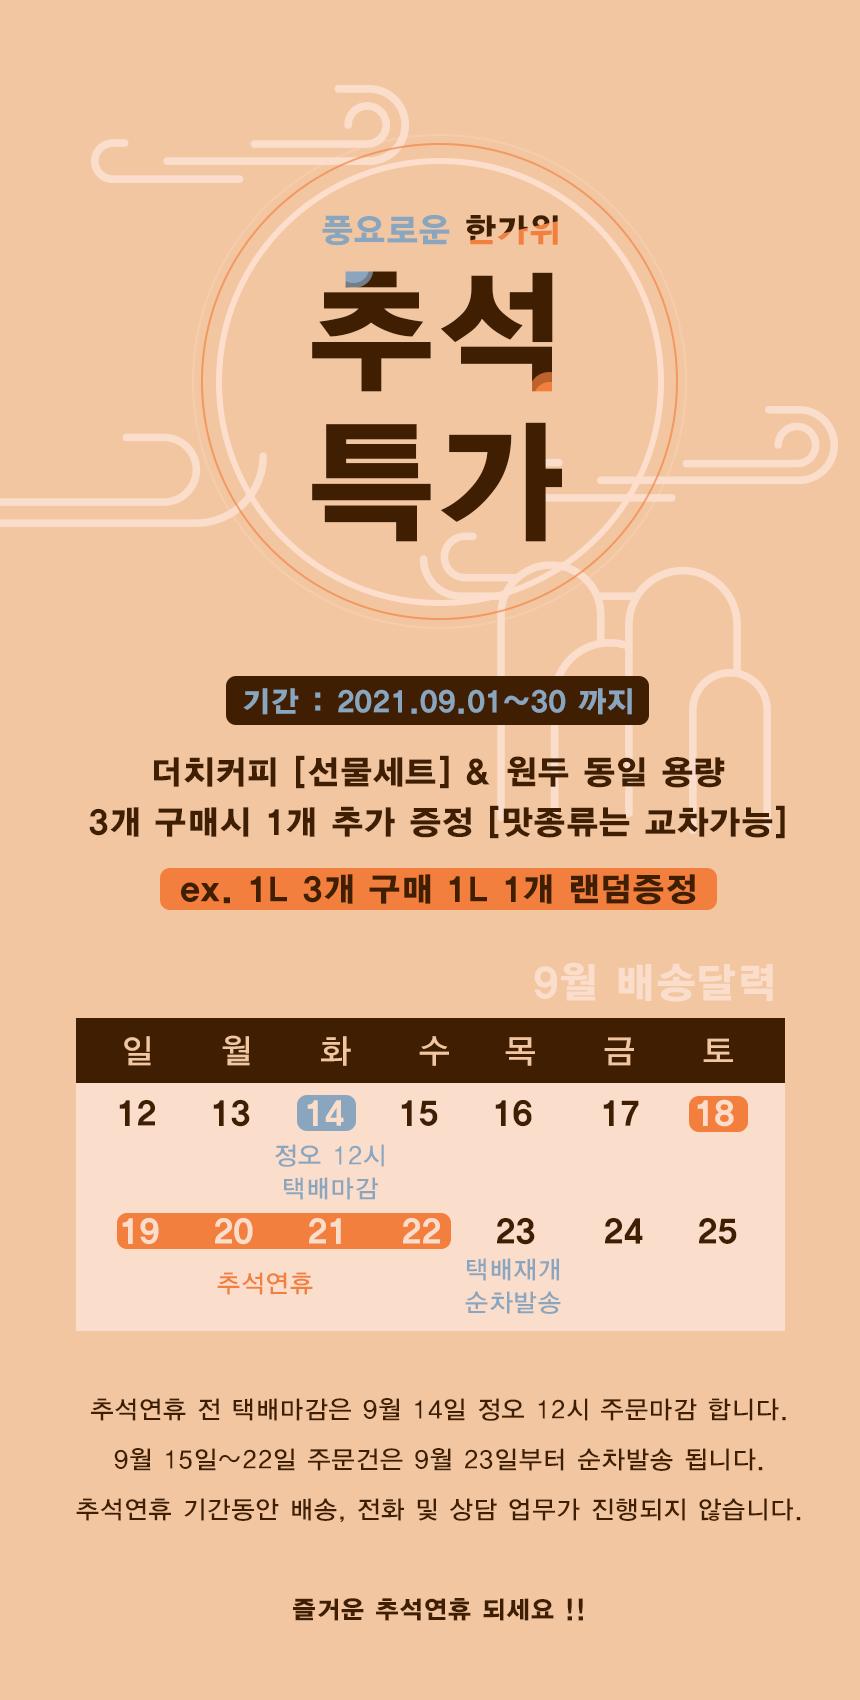 202108 추선이벤트 배너.png